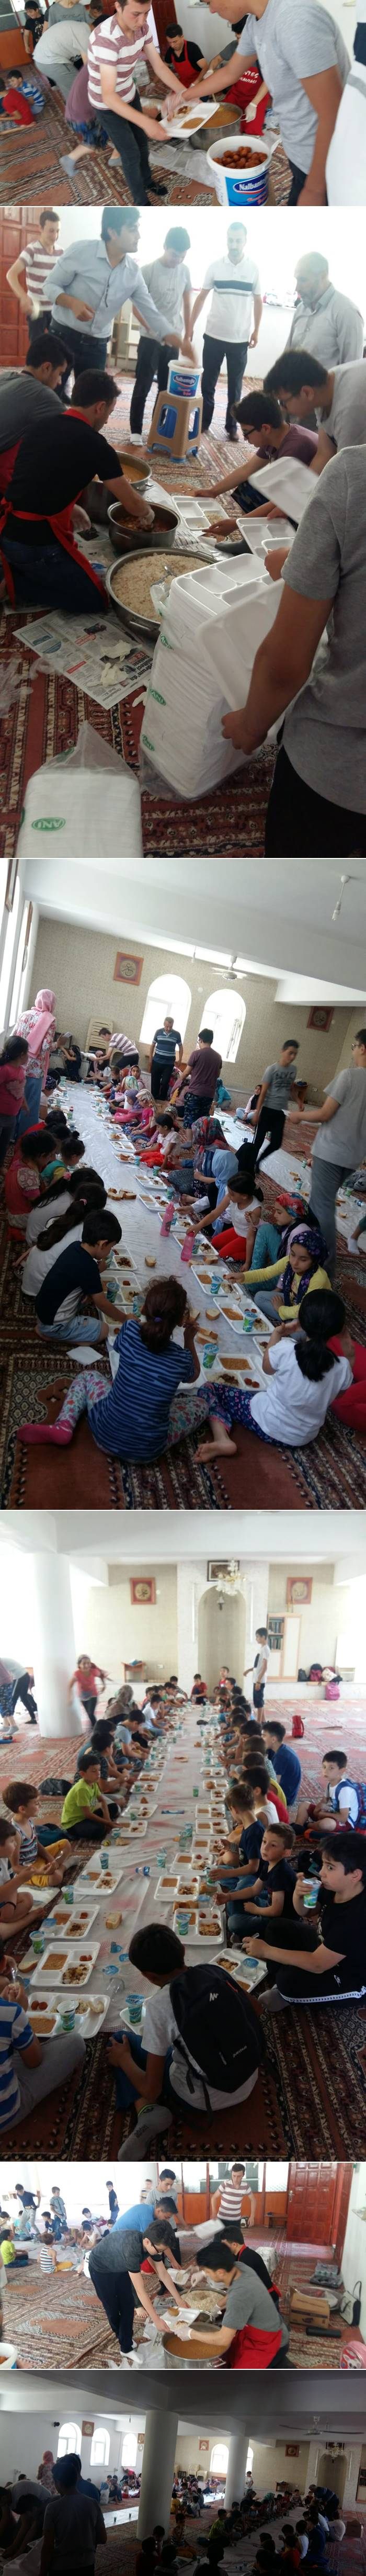 Yıldız Camisinde dün (04.07.2019 Perşembe) Yaz Kuran Kursu öğrencilerine yemek ikram edildi.